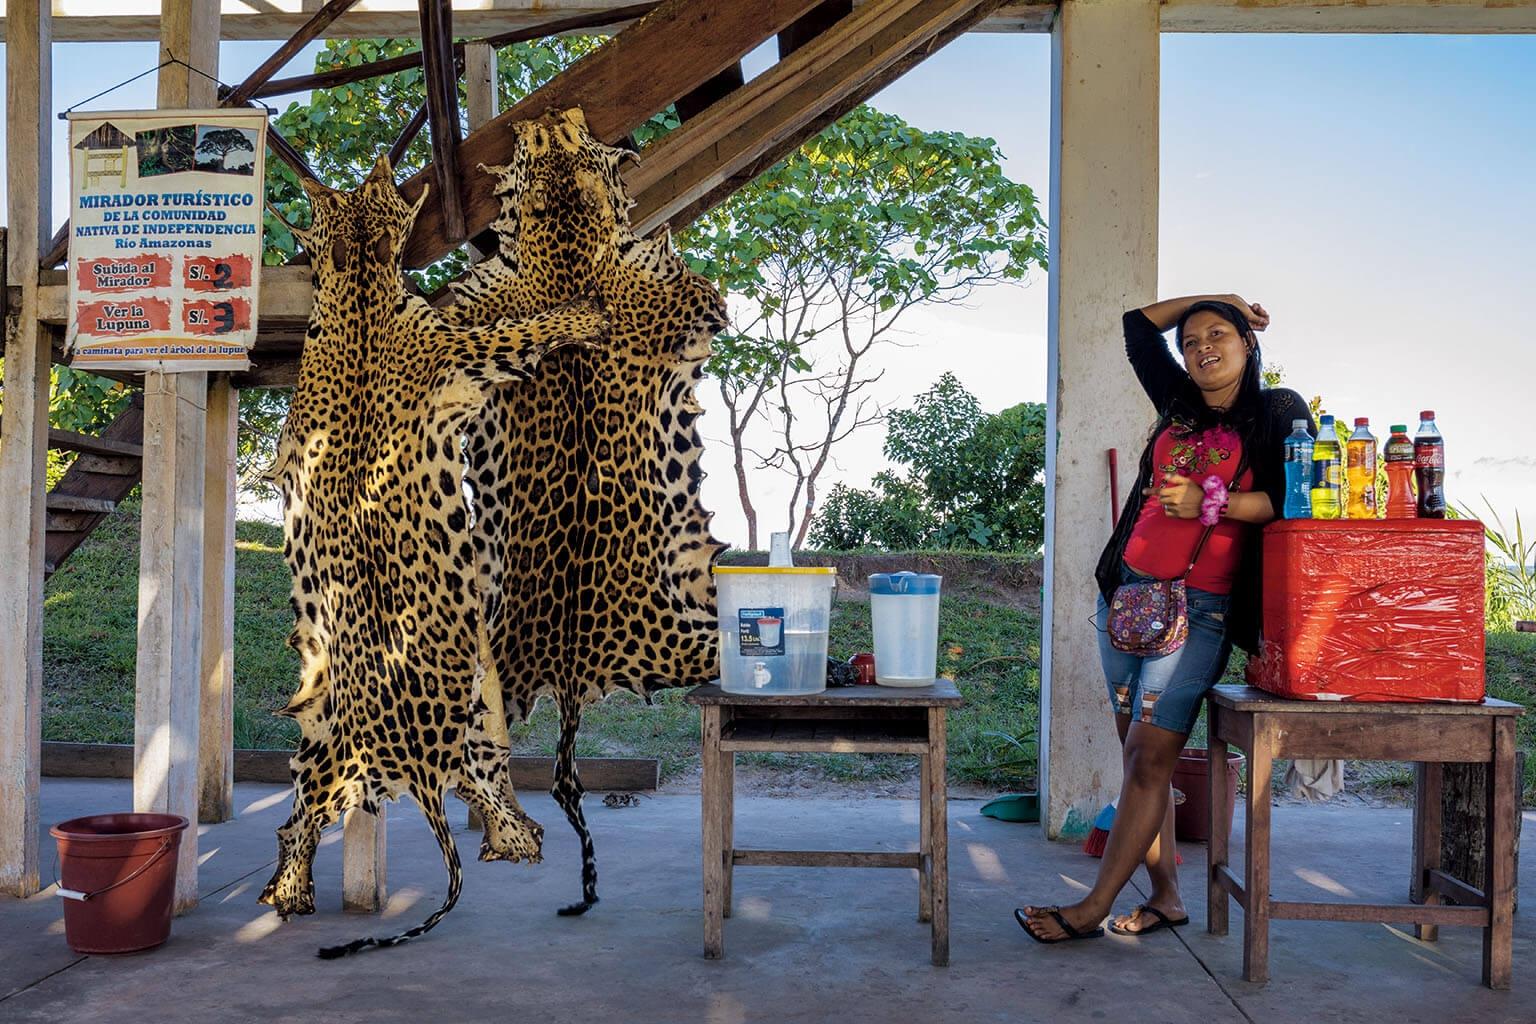 交易活動不只限於玻利維亞。在祕魯的伊基多斯市郊,村莊居民販賣他們獵得的美洲豹皮。他們說附近的中國公司有人每年來一次,購買犬齒但不買豹皮。 PHOTOGRAPH BY STEVE WINTER